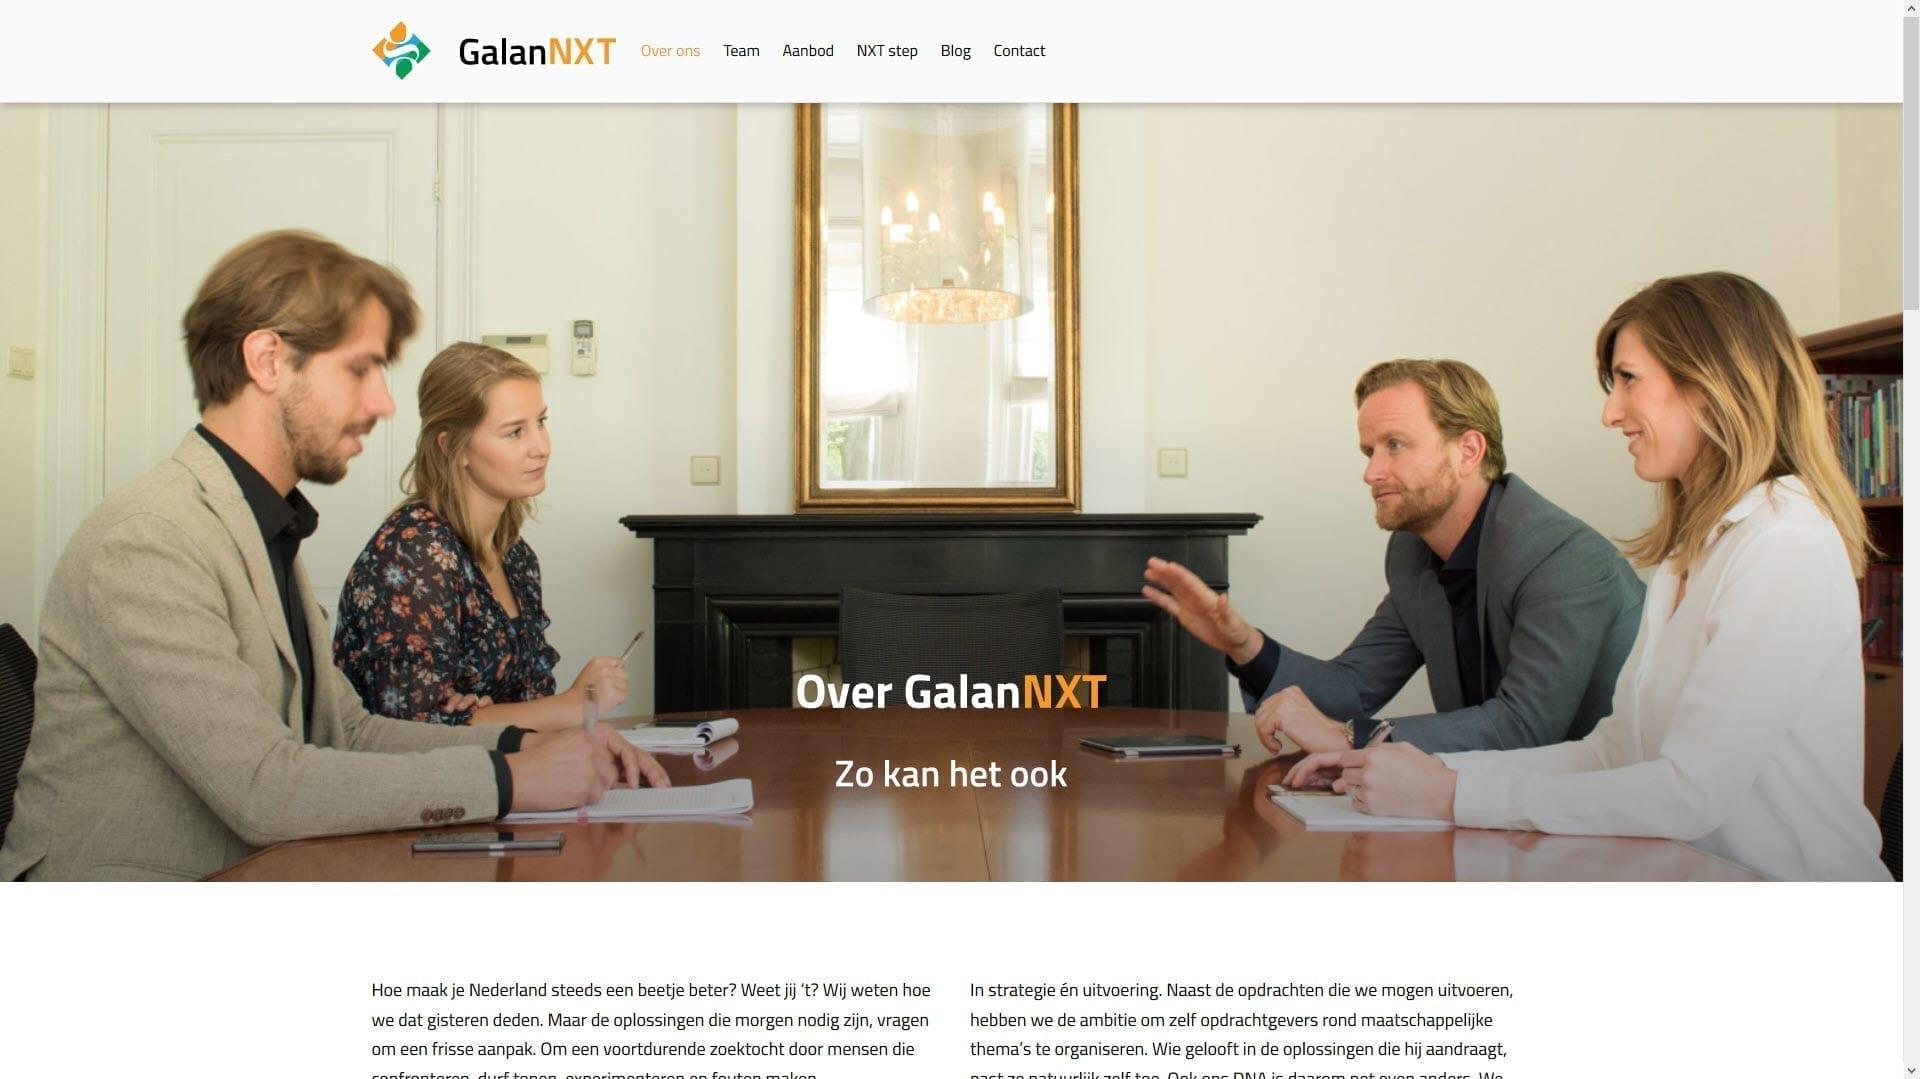 GalanNXT.nl